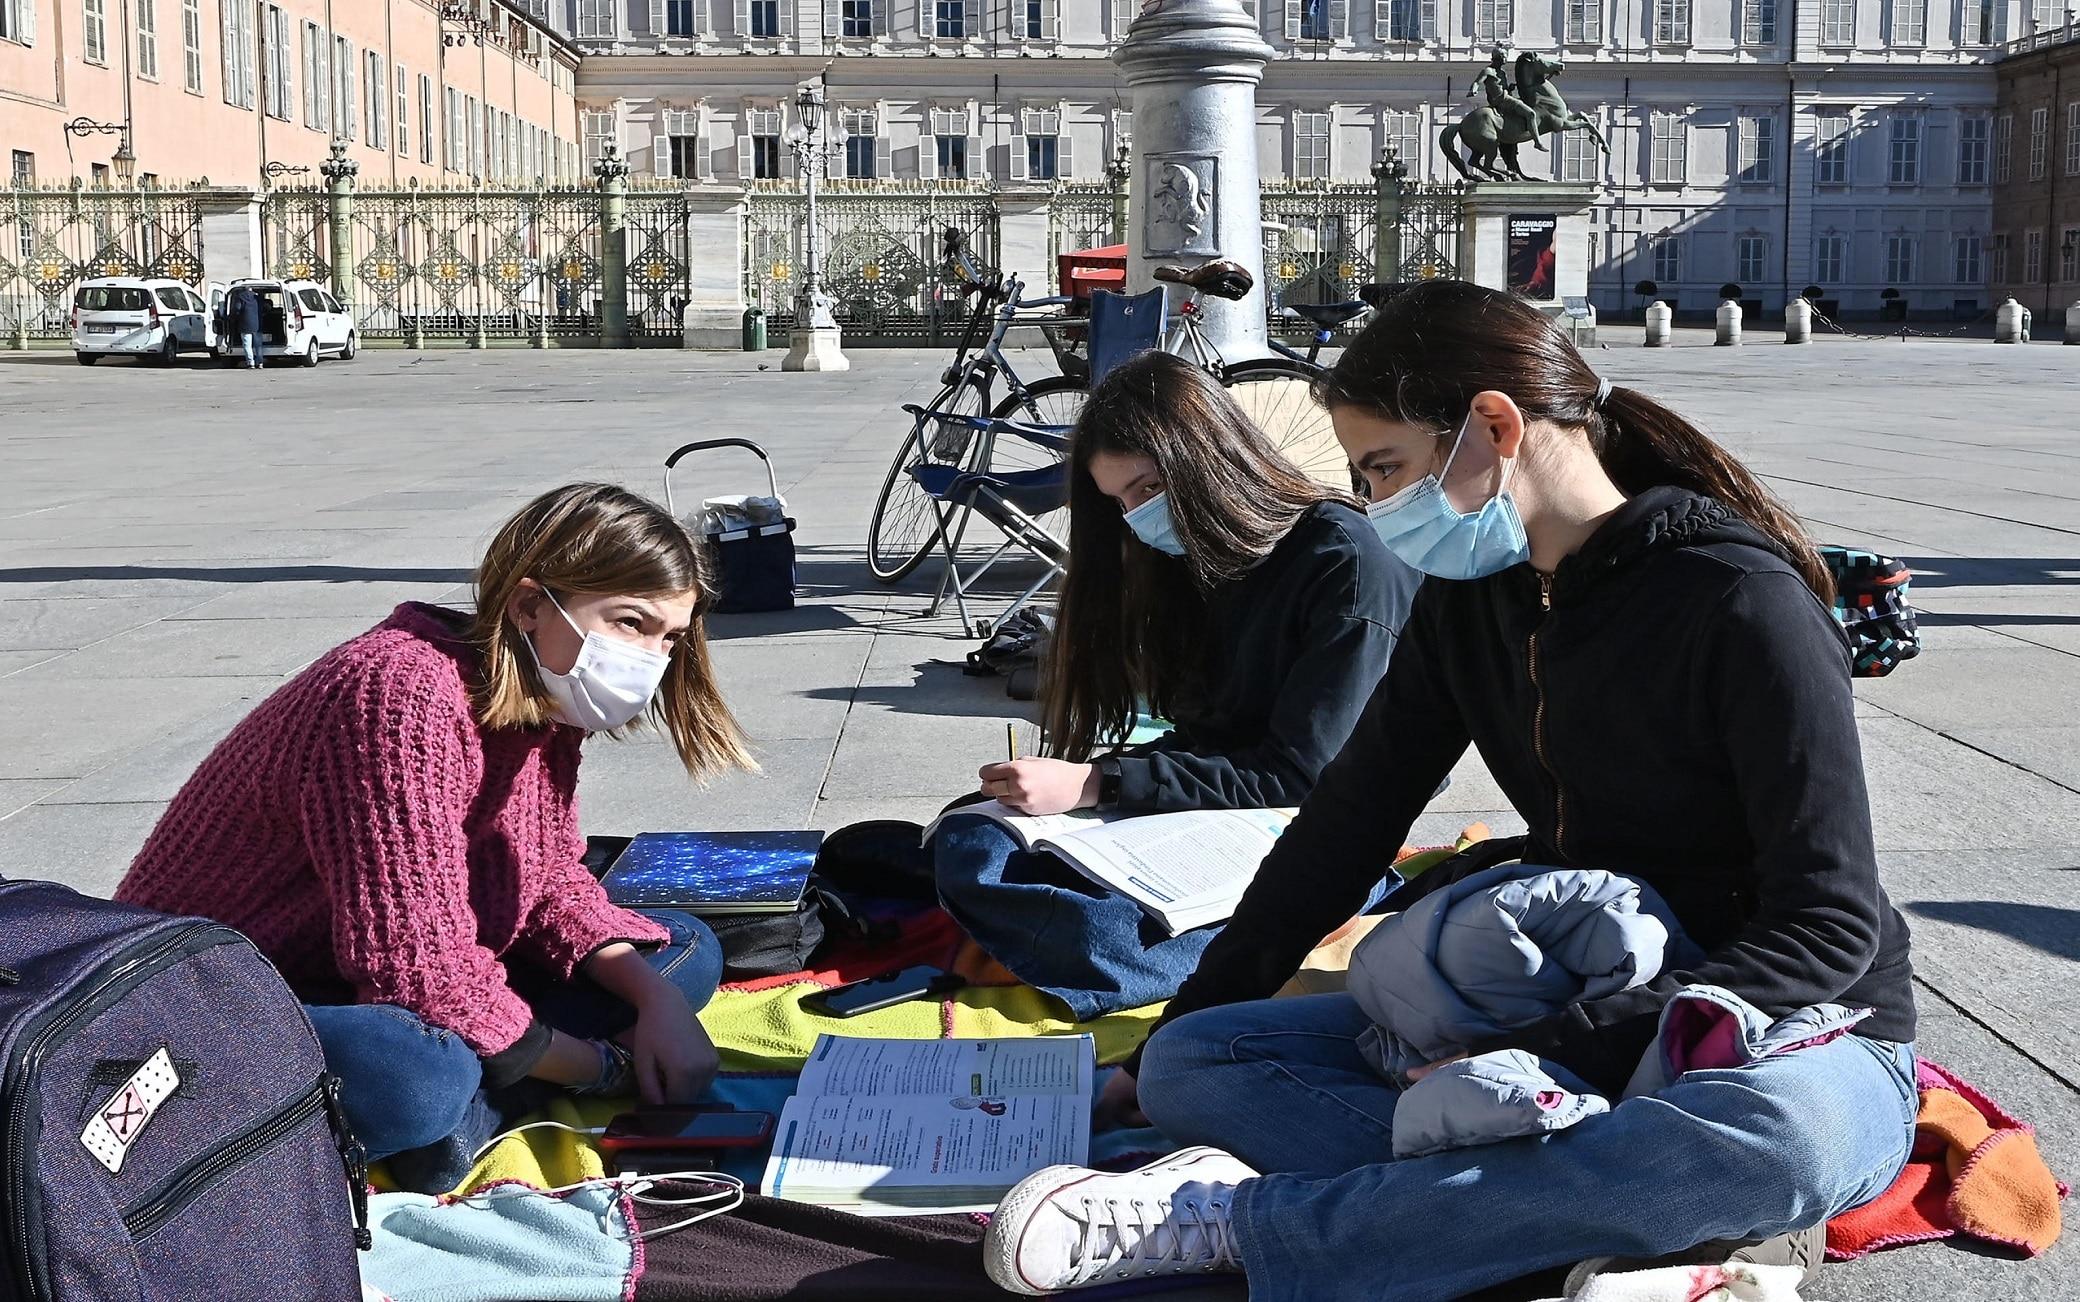 Maia, Anita e Lisa oggi intente a seguire le lezioni online in piazza Castello